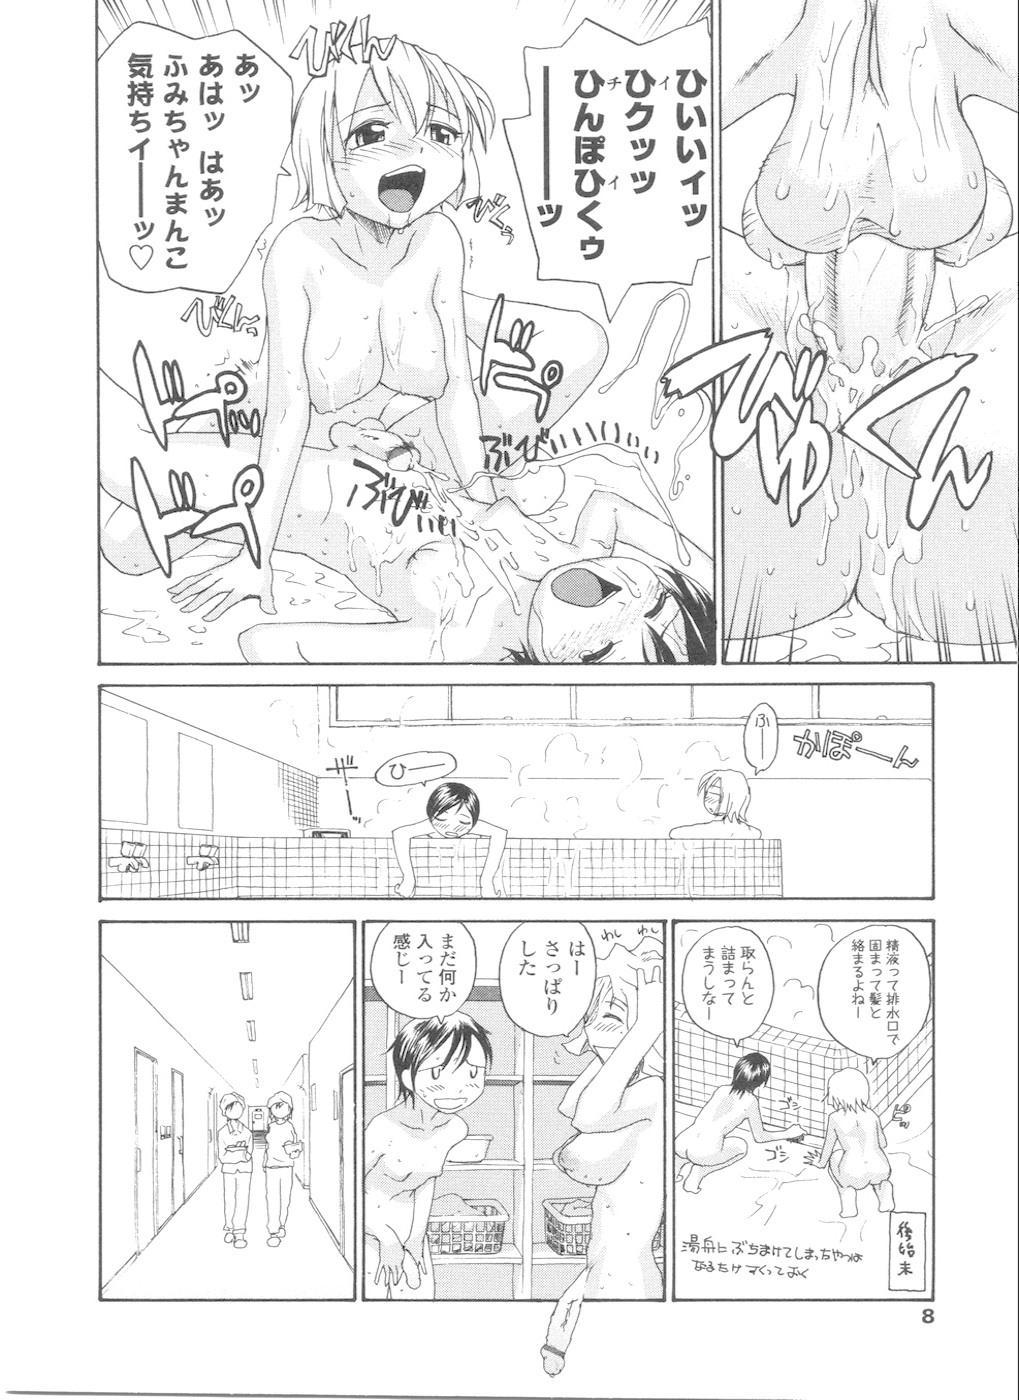 Futanarikko LOVE 11 9